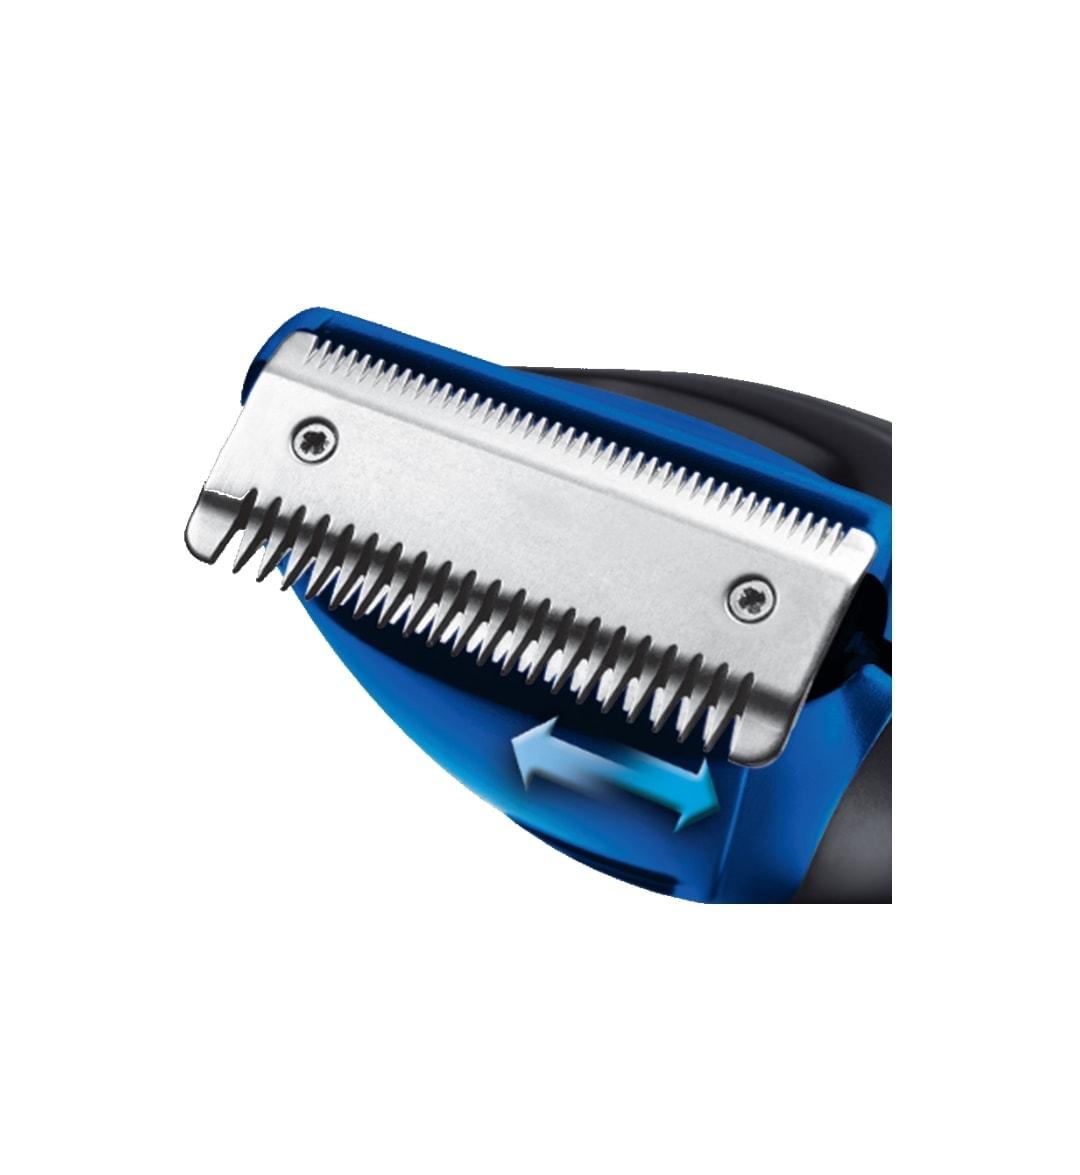 Delicates & Body Hair Trimmer - Allsidig hårtrimmer til kropp - Remington